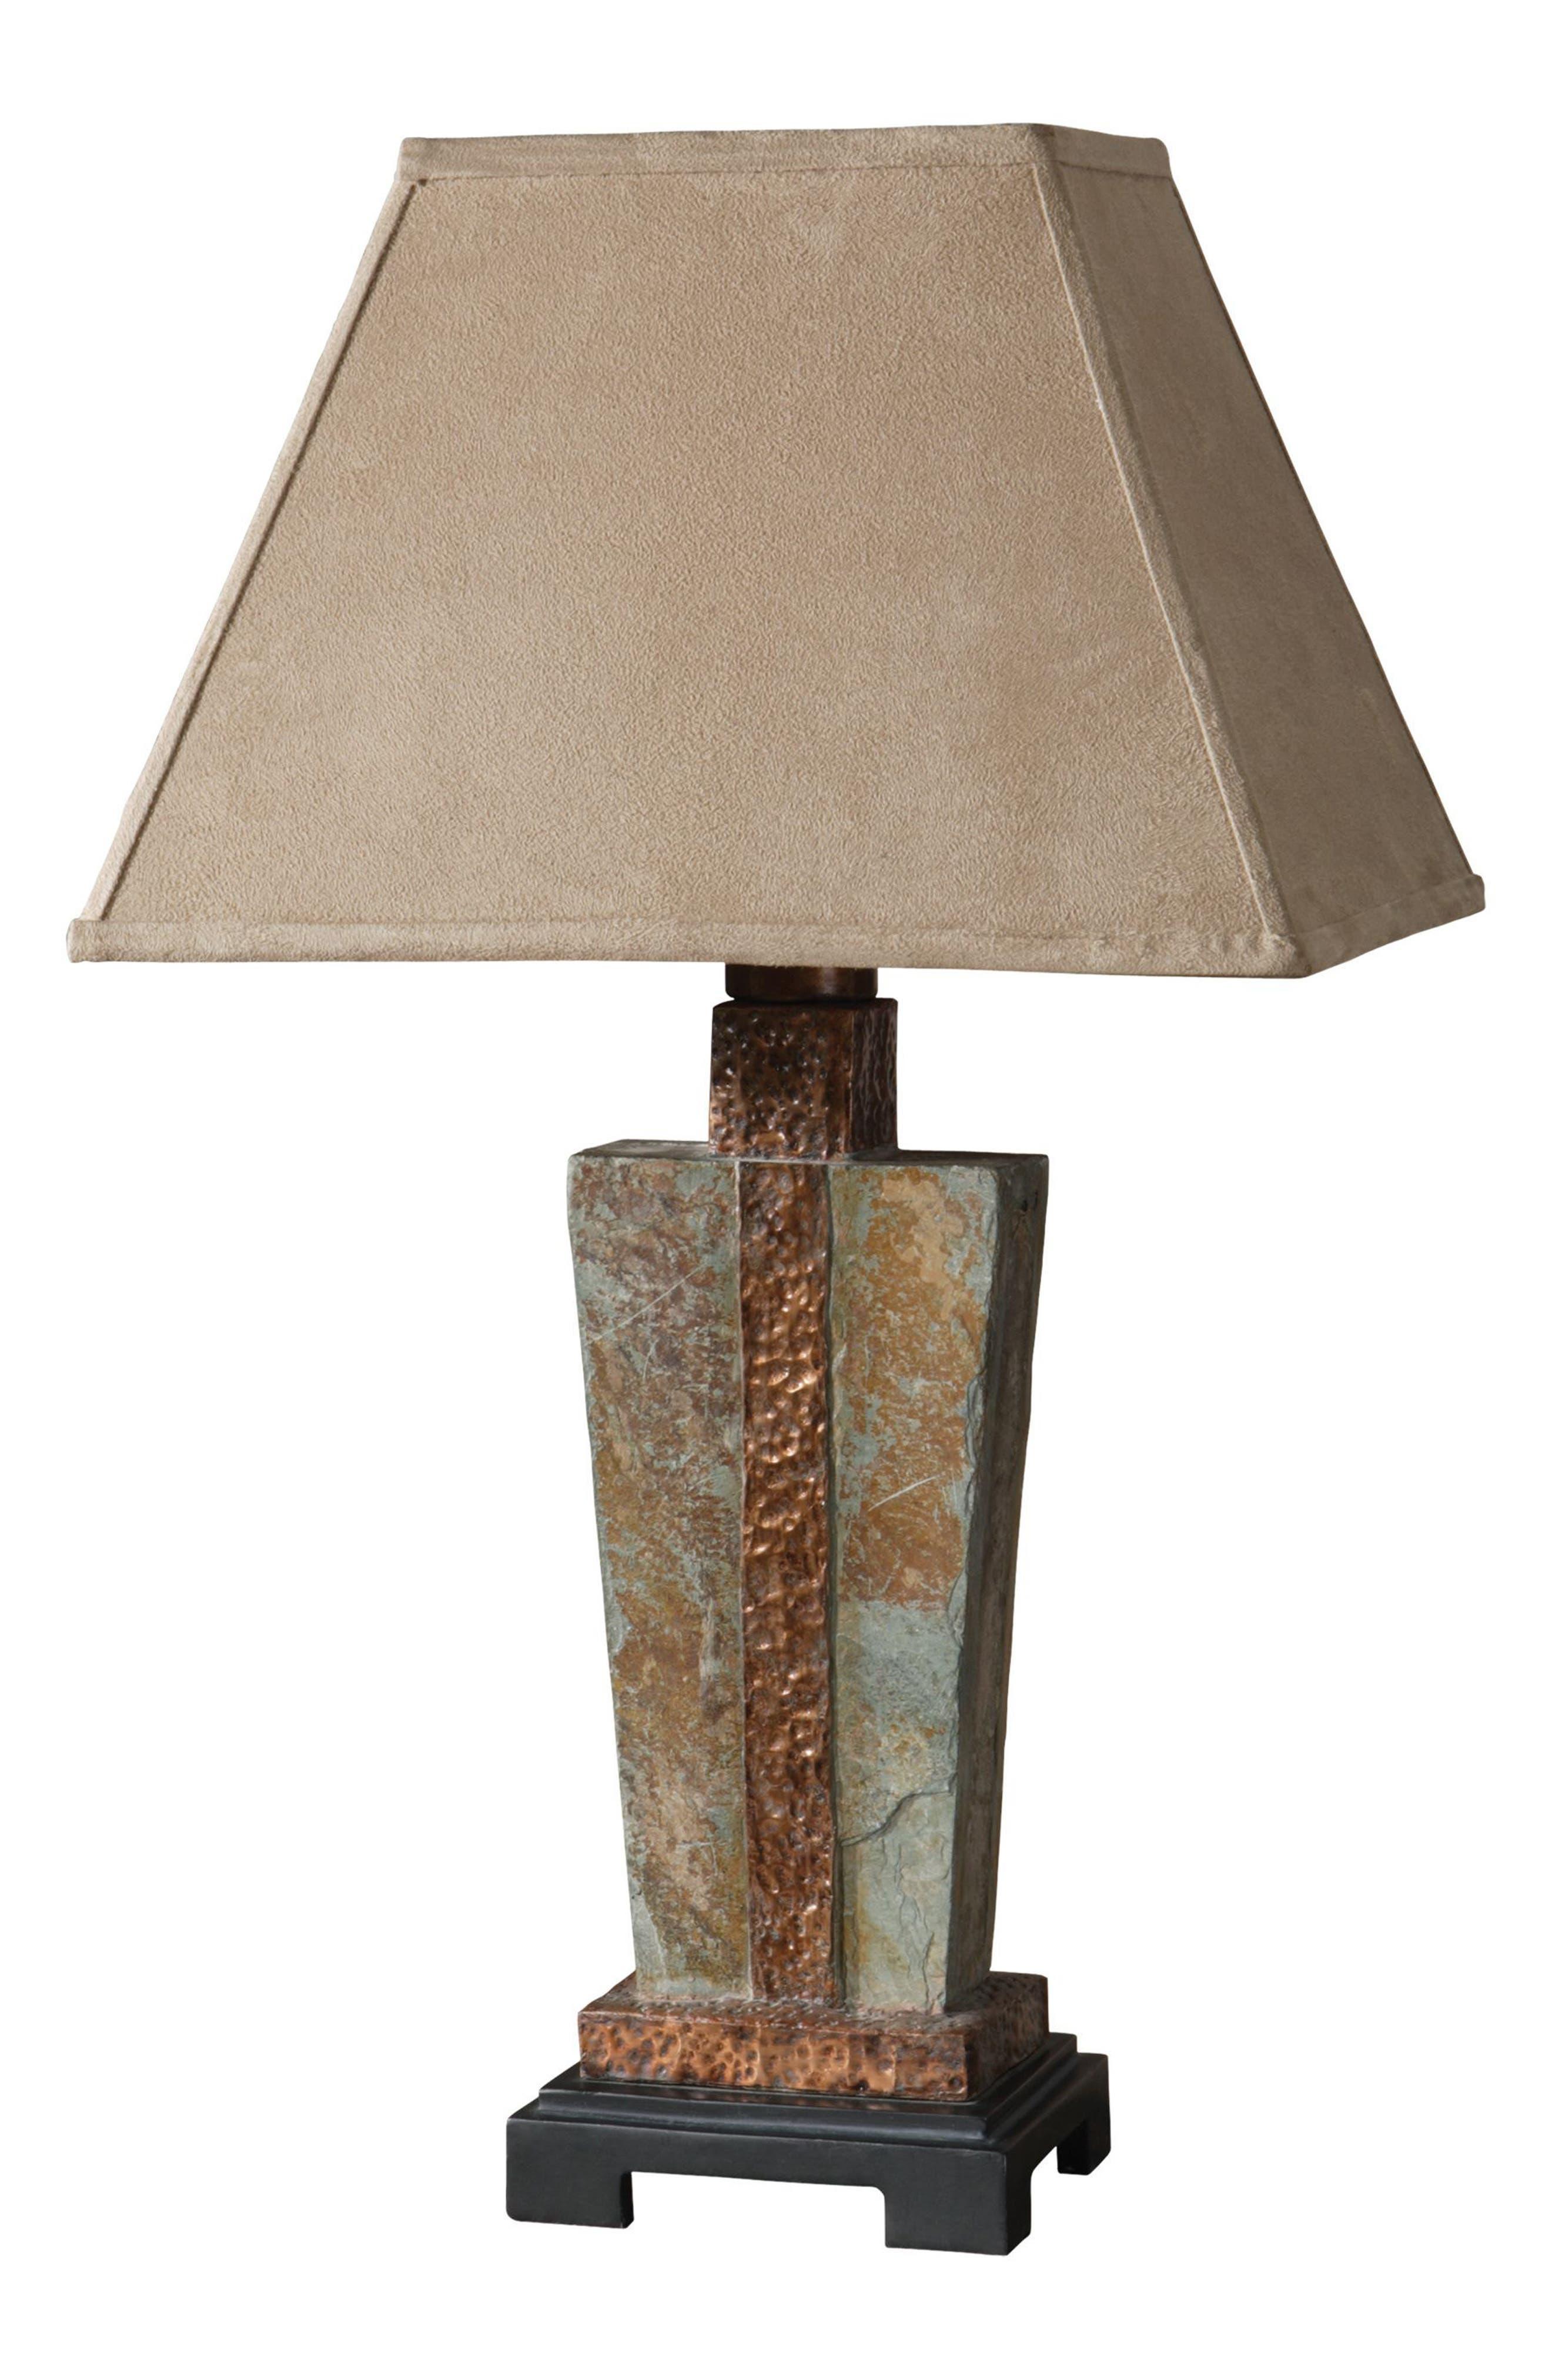 Alternate Image 1 Selected - Uttermost Slate Table Lamp